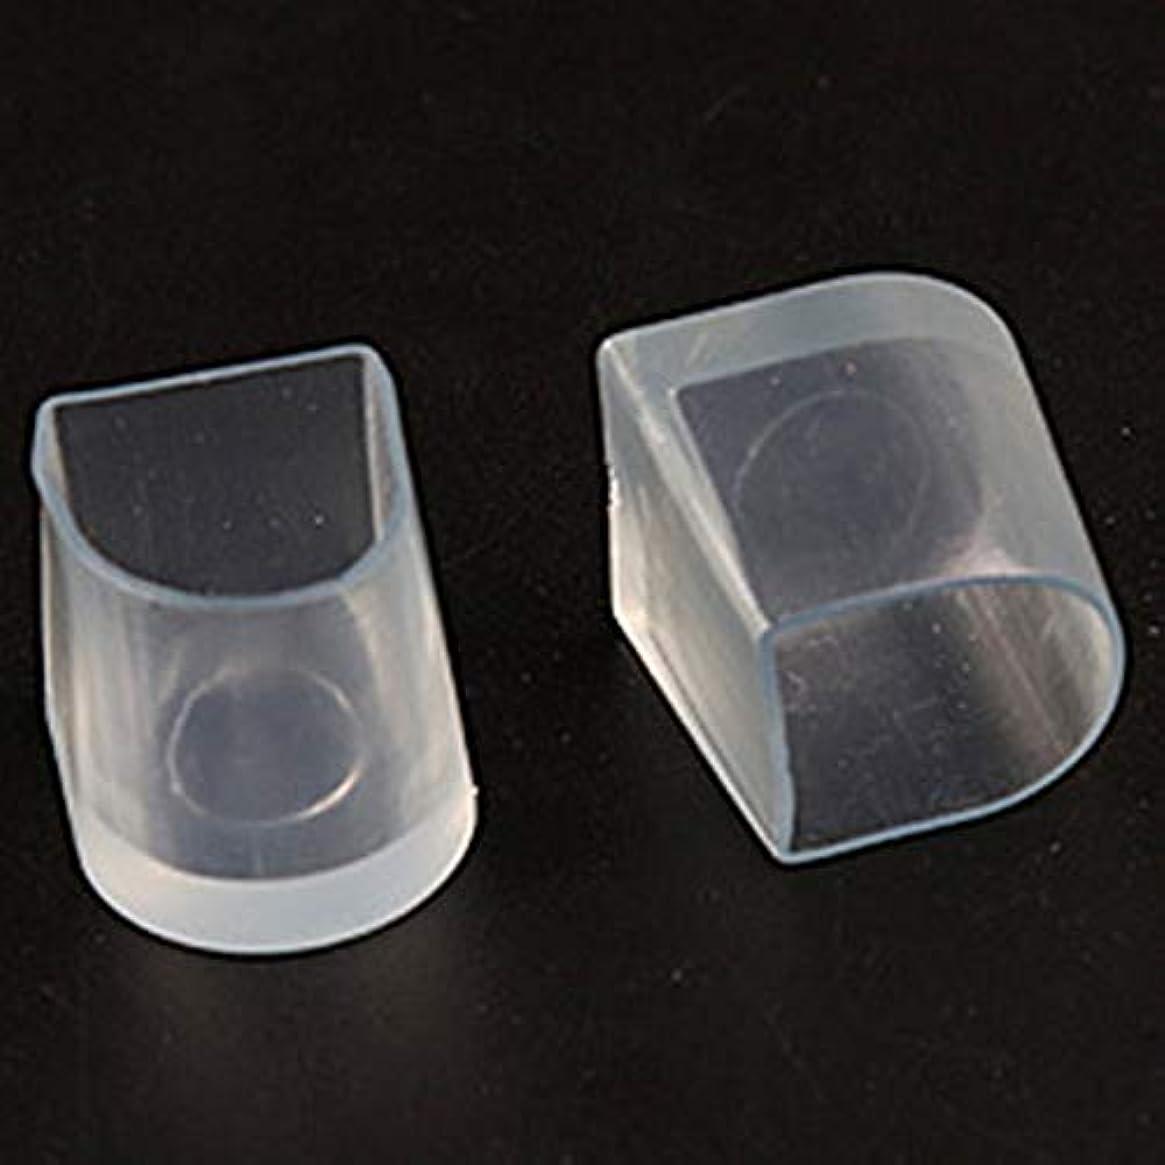 ピーク配置栄光の1ペアハイヒール保護カバーラテンスティレットダンスカバーヒールストッパー滑り止め耐摩耗性 - 透明L